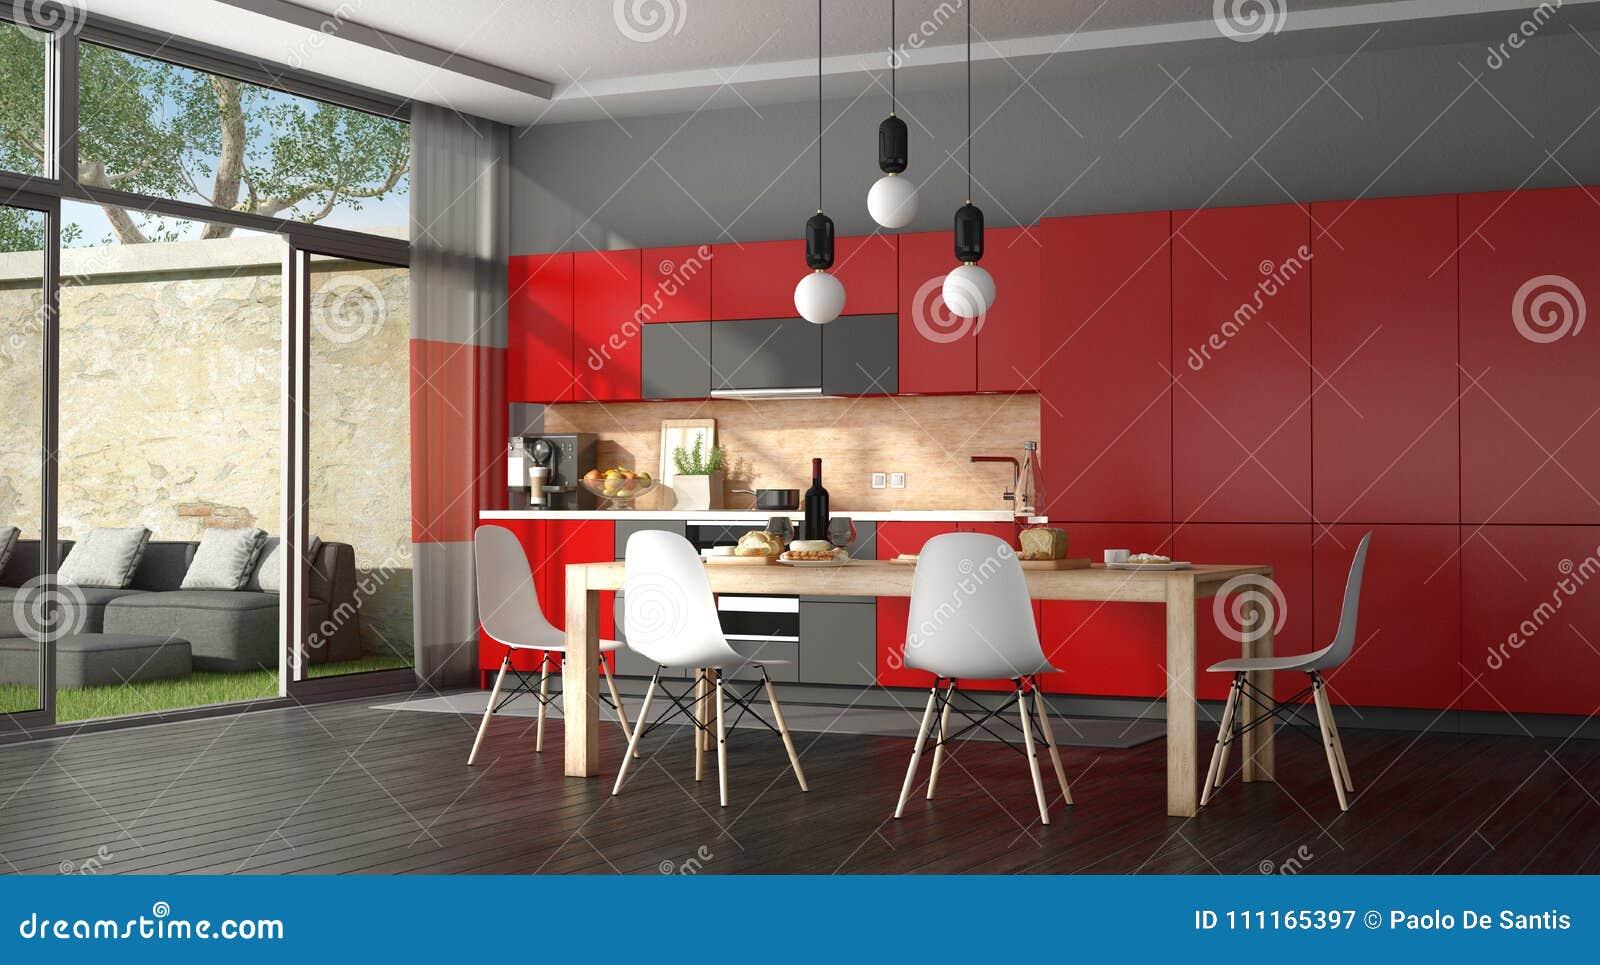 Cucina Moderna Nera E Rossa Illustrazione di Stock - Illustrazione ...